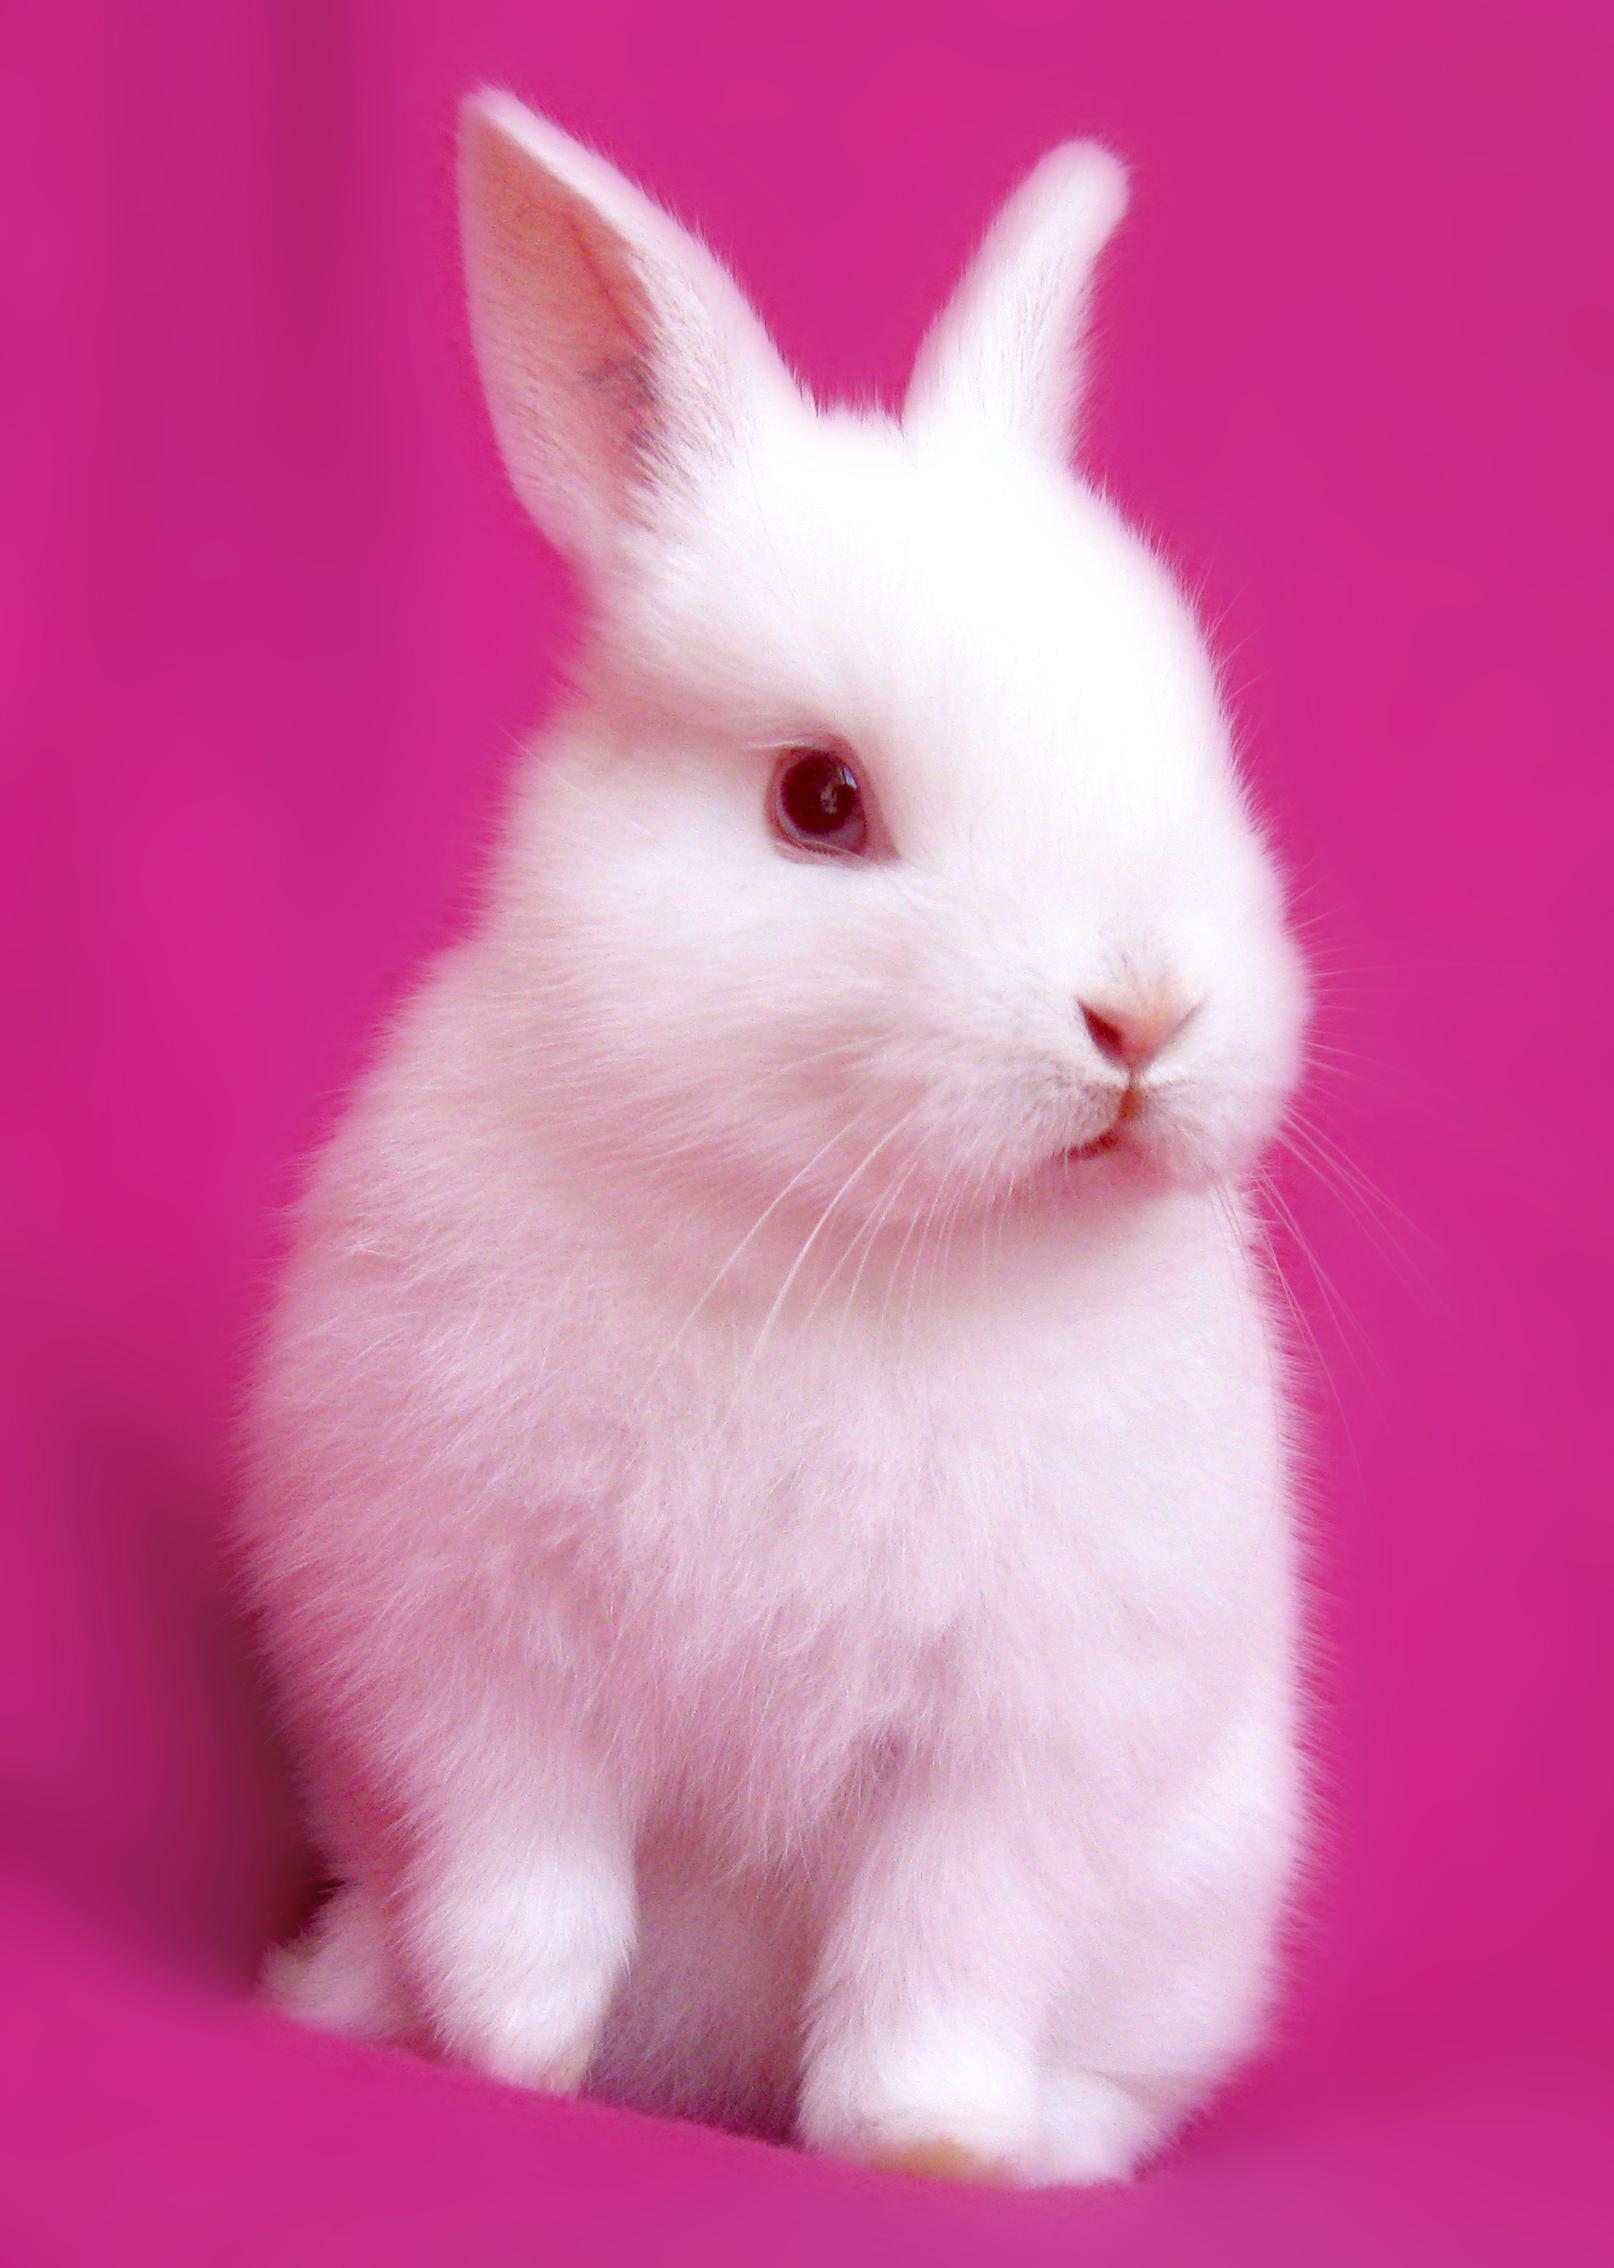 Pink Bunny Wallpapersafari